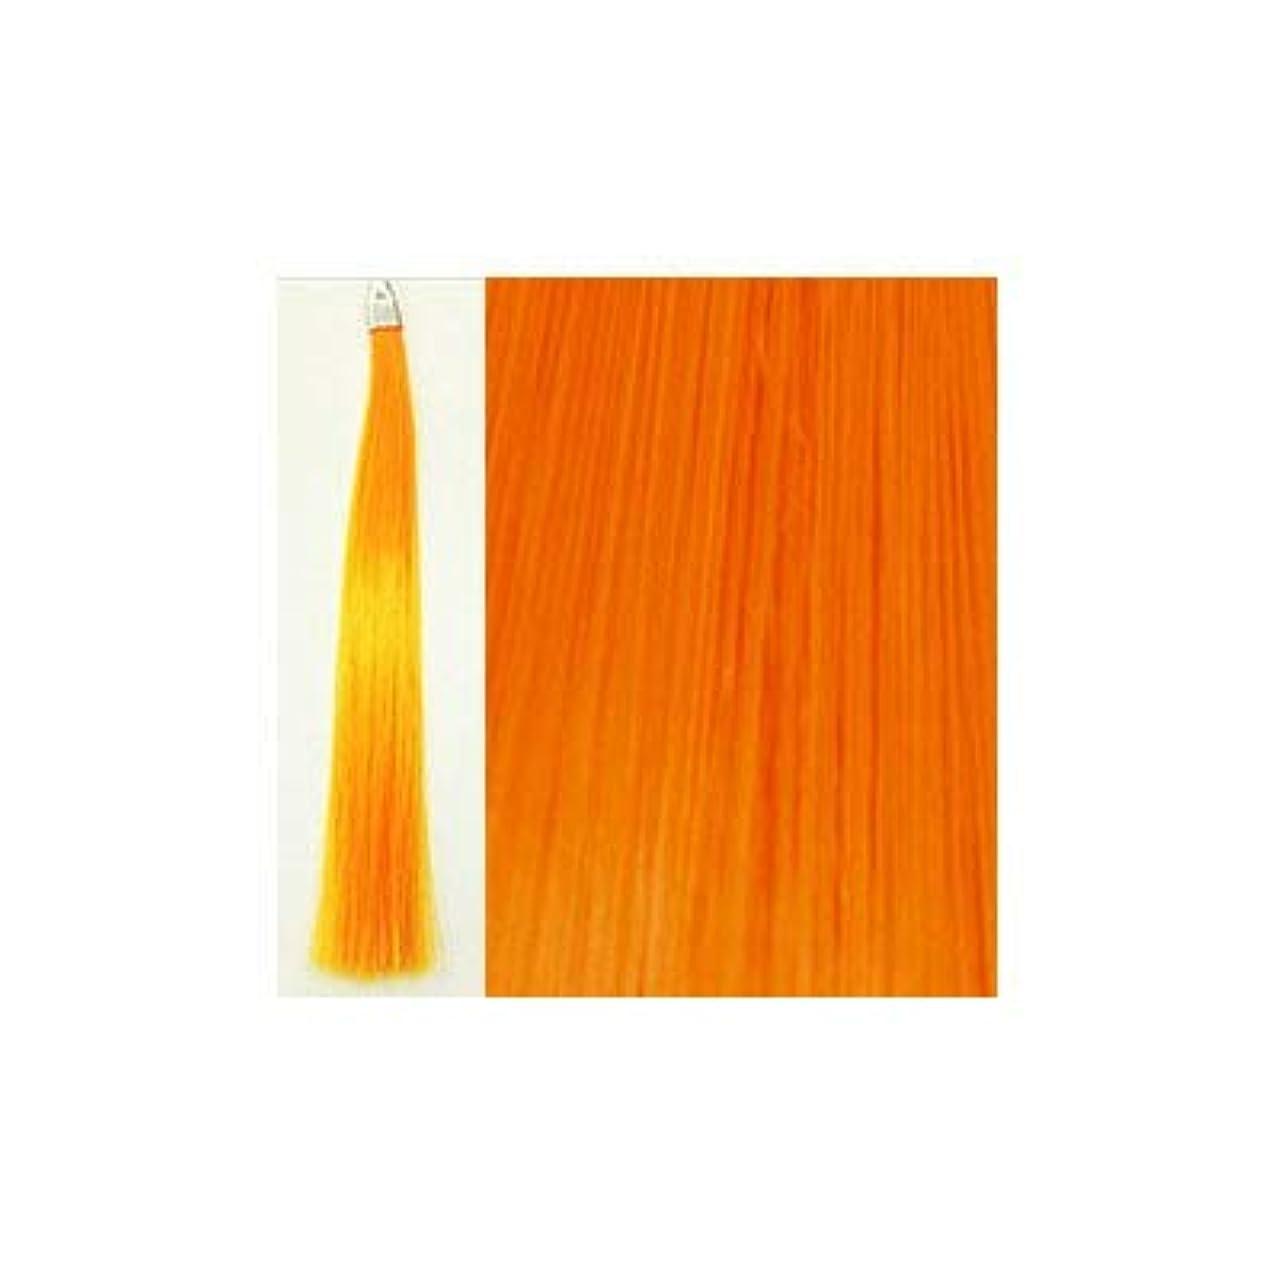 独立プライバシーイディオムカミエク ヘアーエクステンション ライトオレンジ 4本毛